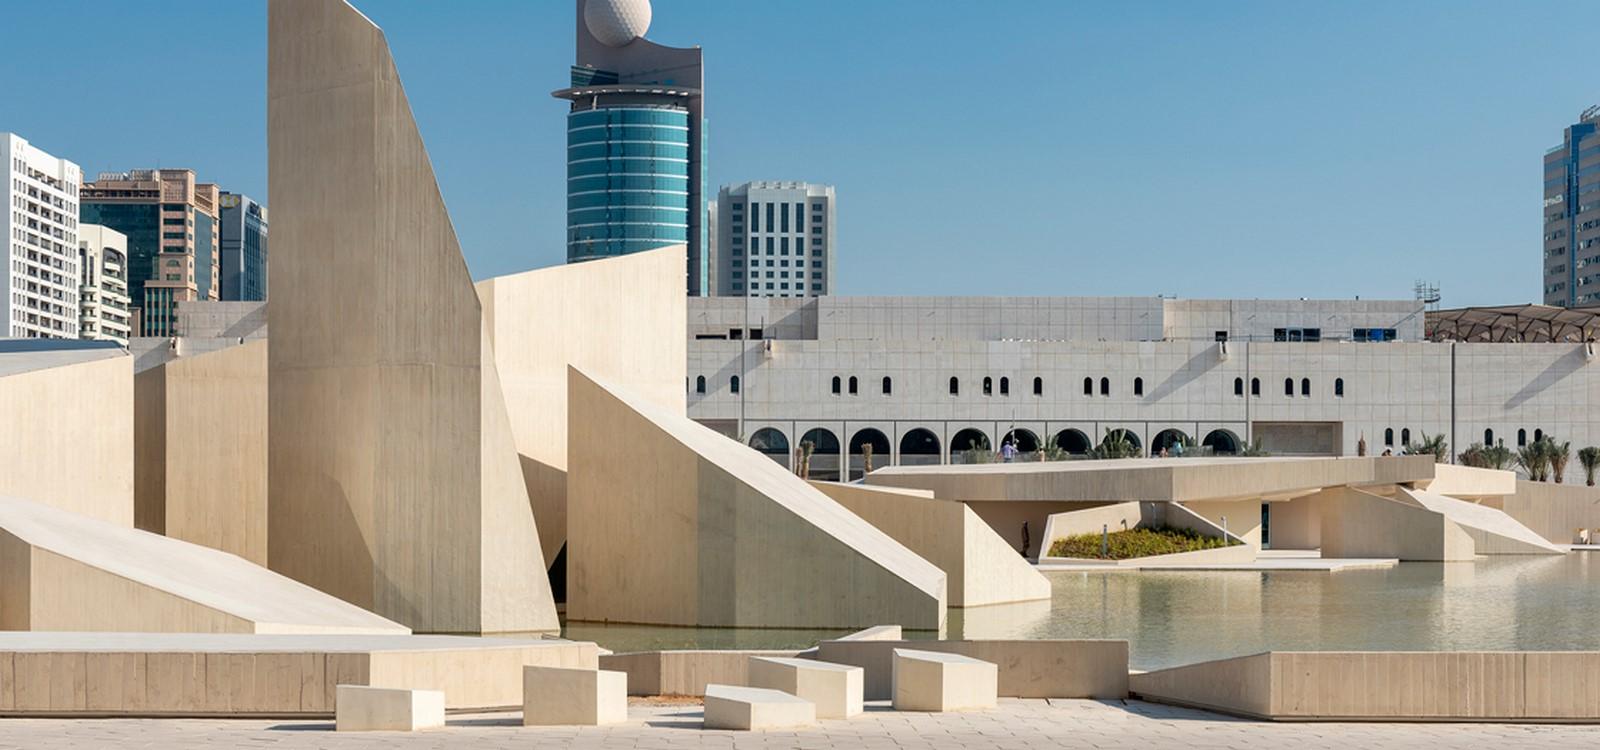 Qasr Al Hosn Cultural Park - Sheet2